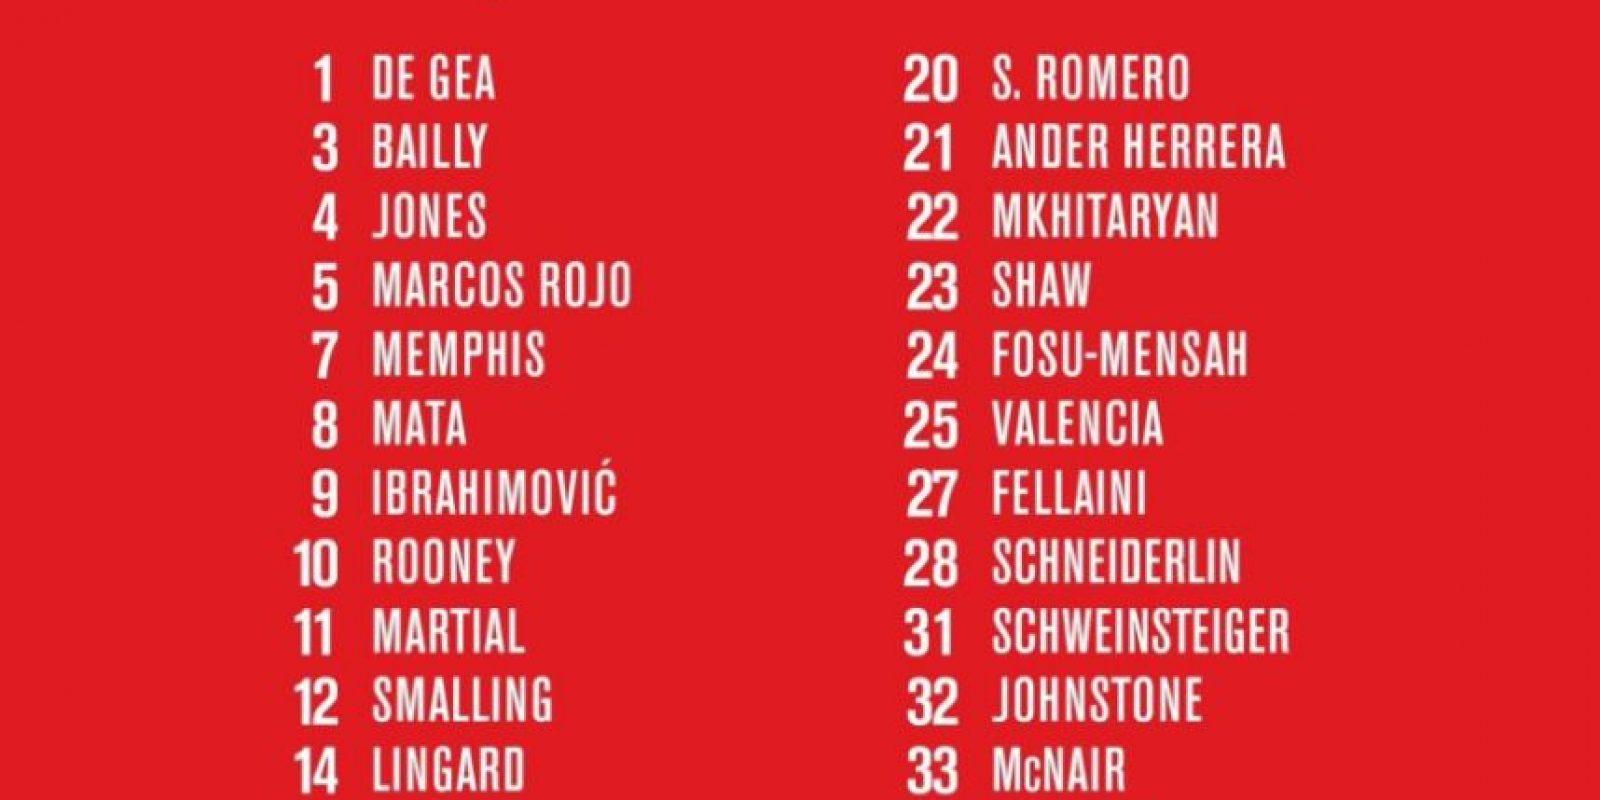 Ahora, con la llegada de Zlatan Ibrahimovic, pasará a usar la 11 Foto:Twitter oficial Manchester United